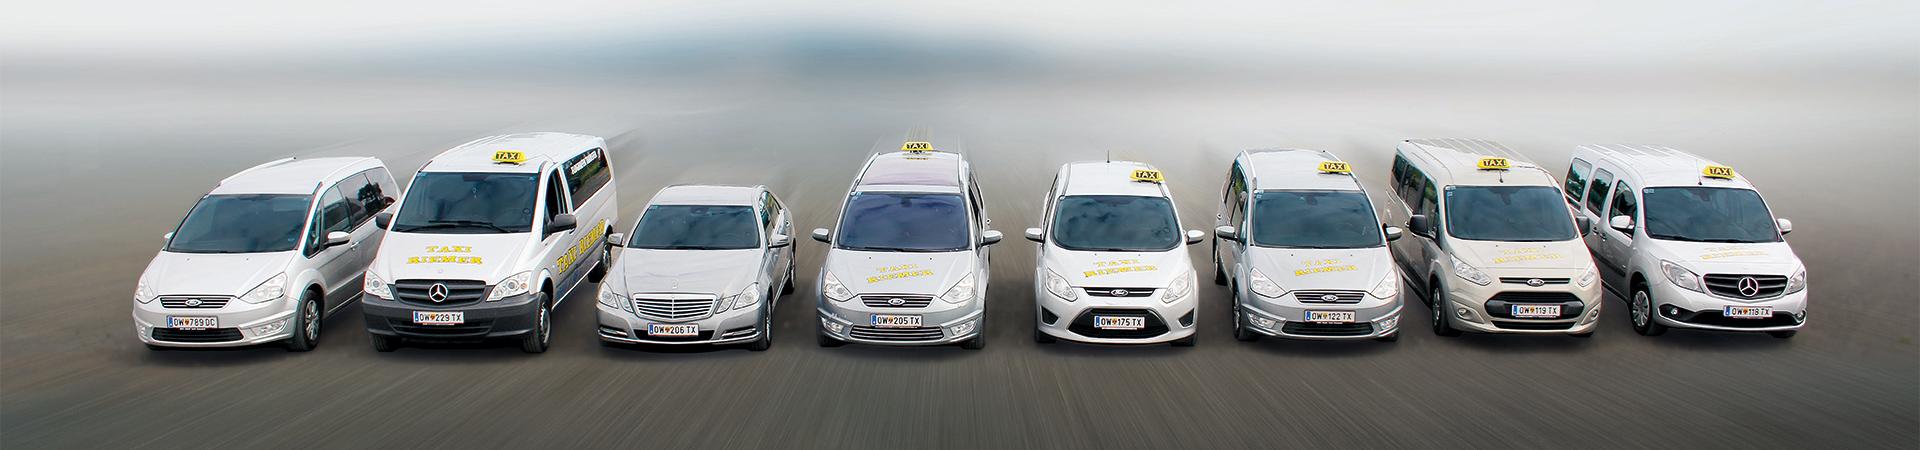 Taxi Riemer - Taxi- & Fahrdienste in Pinkafeld, Oberwart, Bad Tatzmannsdorf, Oberschützen sowie Flughafentransfer